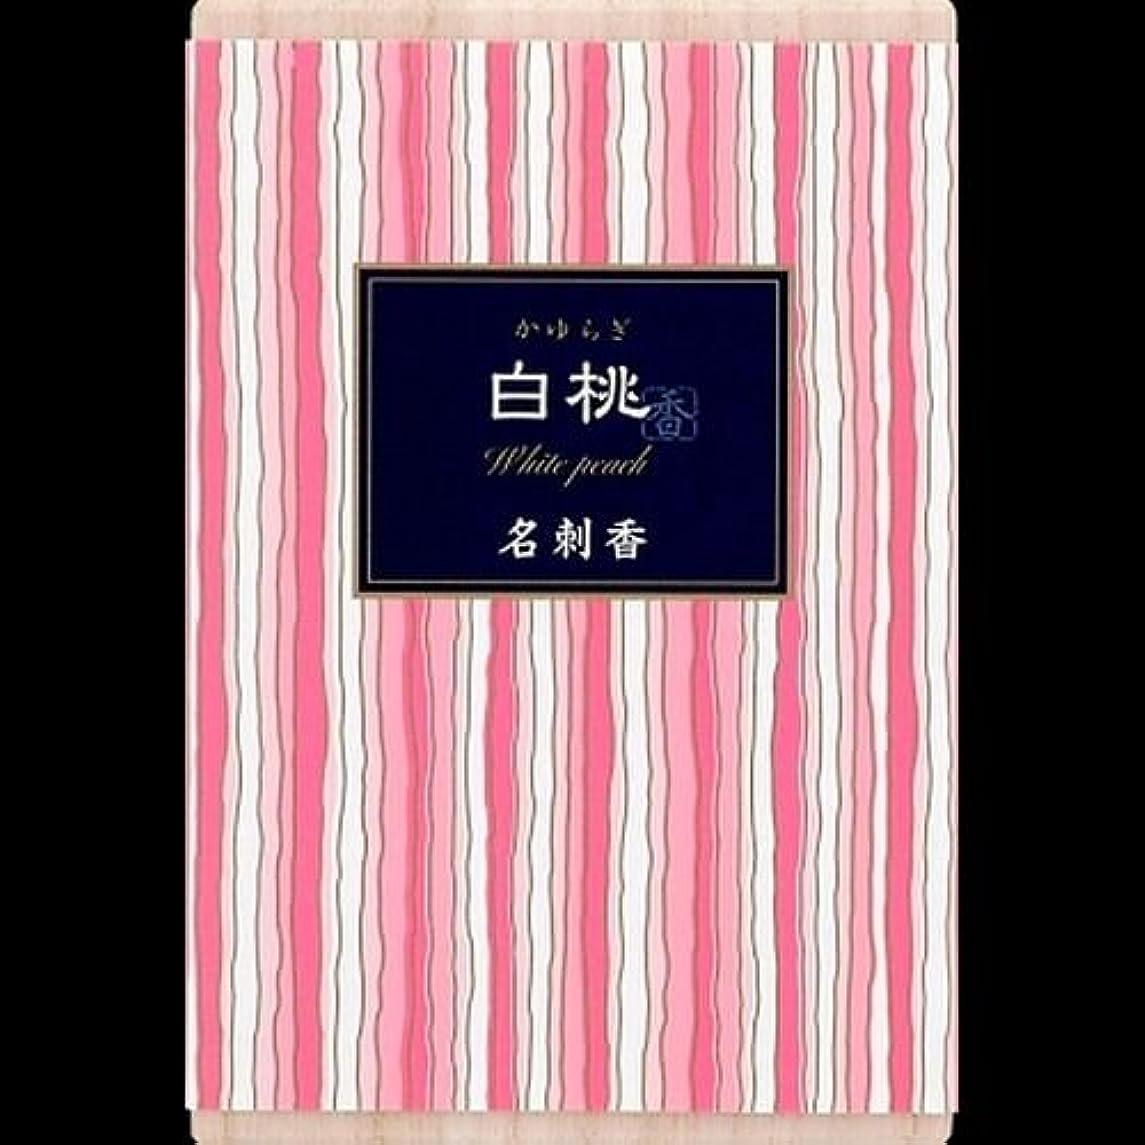 スリットメーターきらめく【まとめ買い】かゆらぎ 白桃 名刺香 桐箱 6入 ×2セット